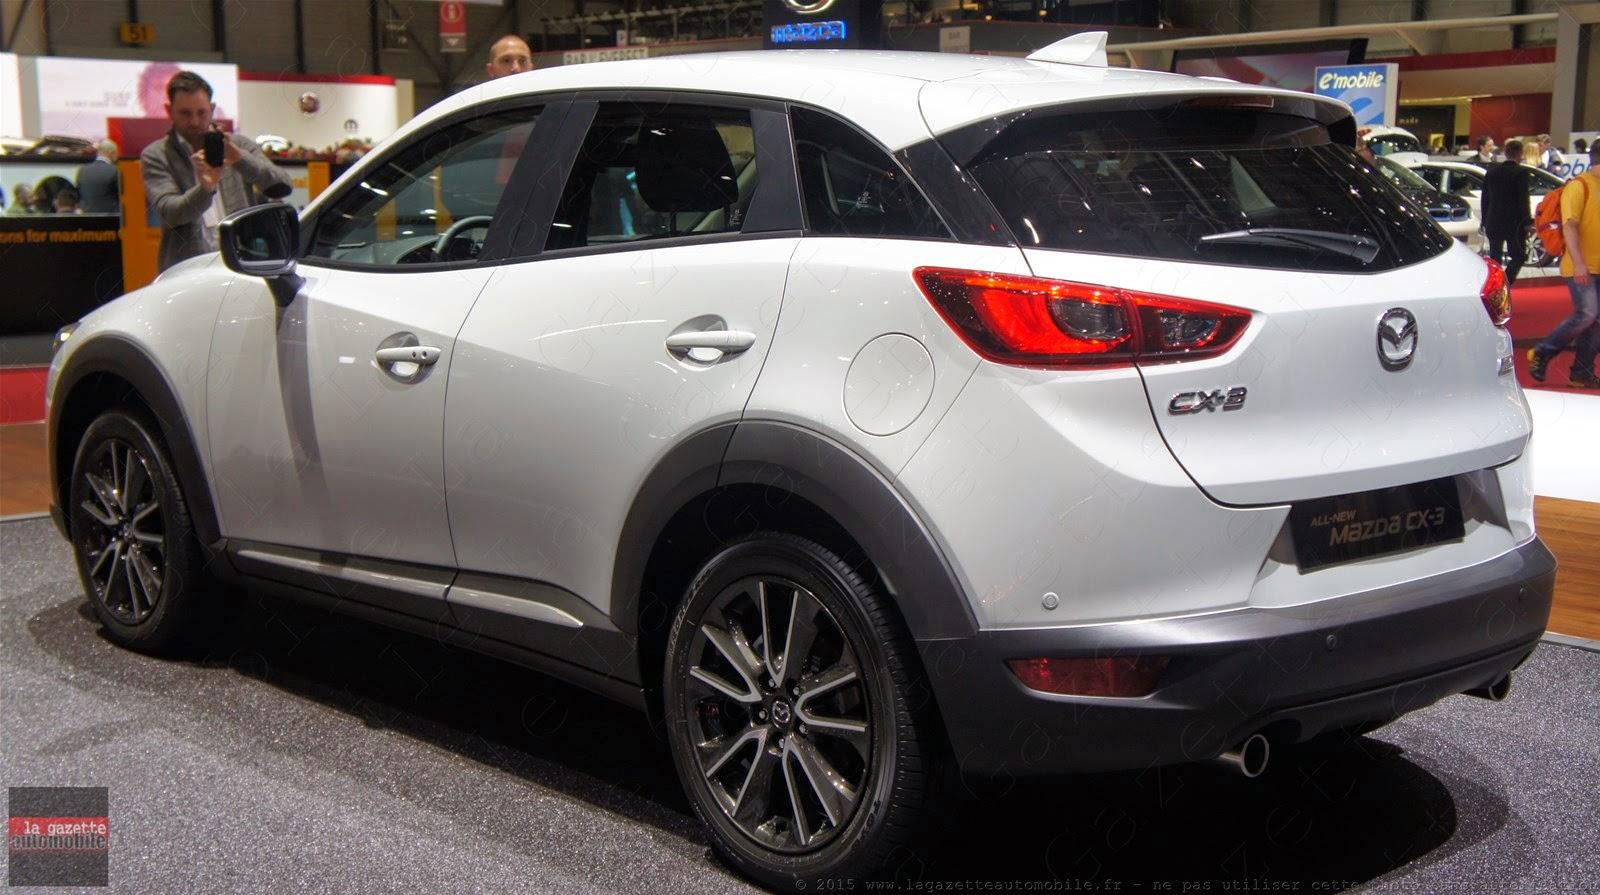 Genève 2015 Mazda CX-3